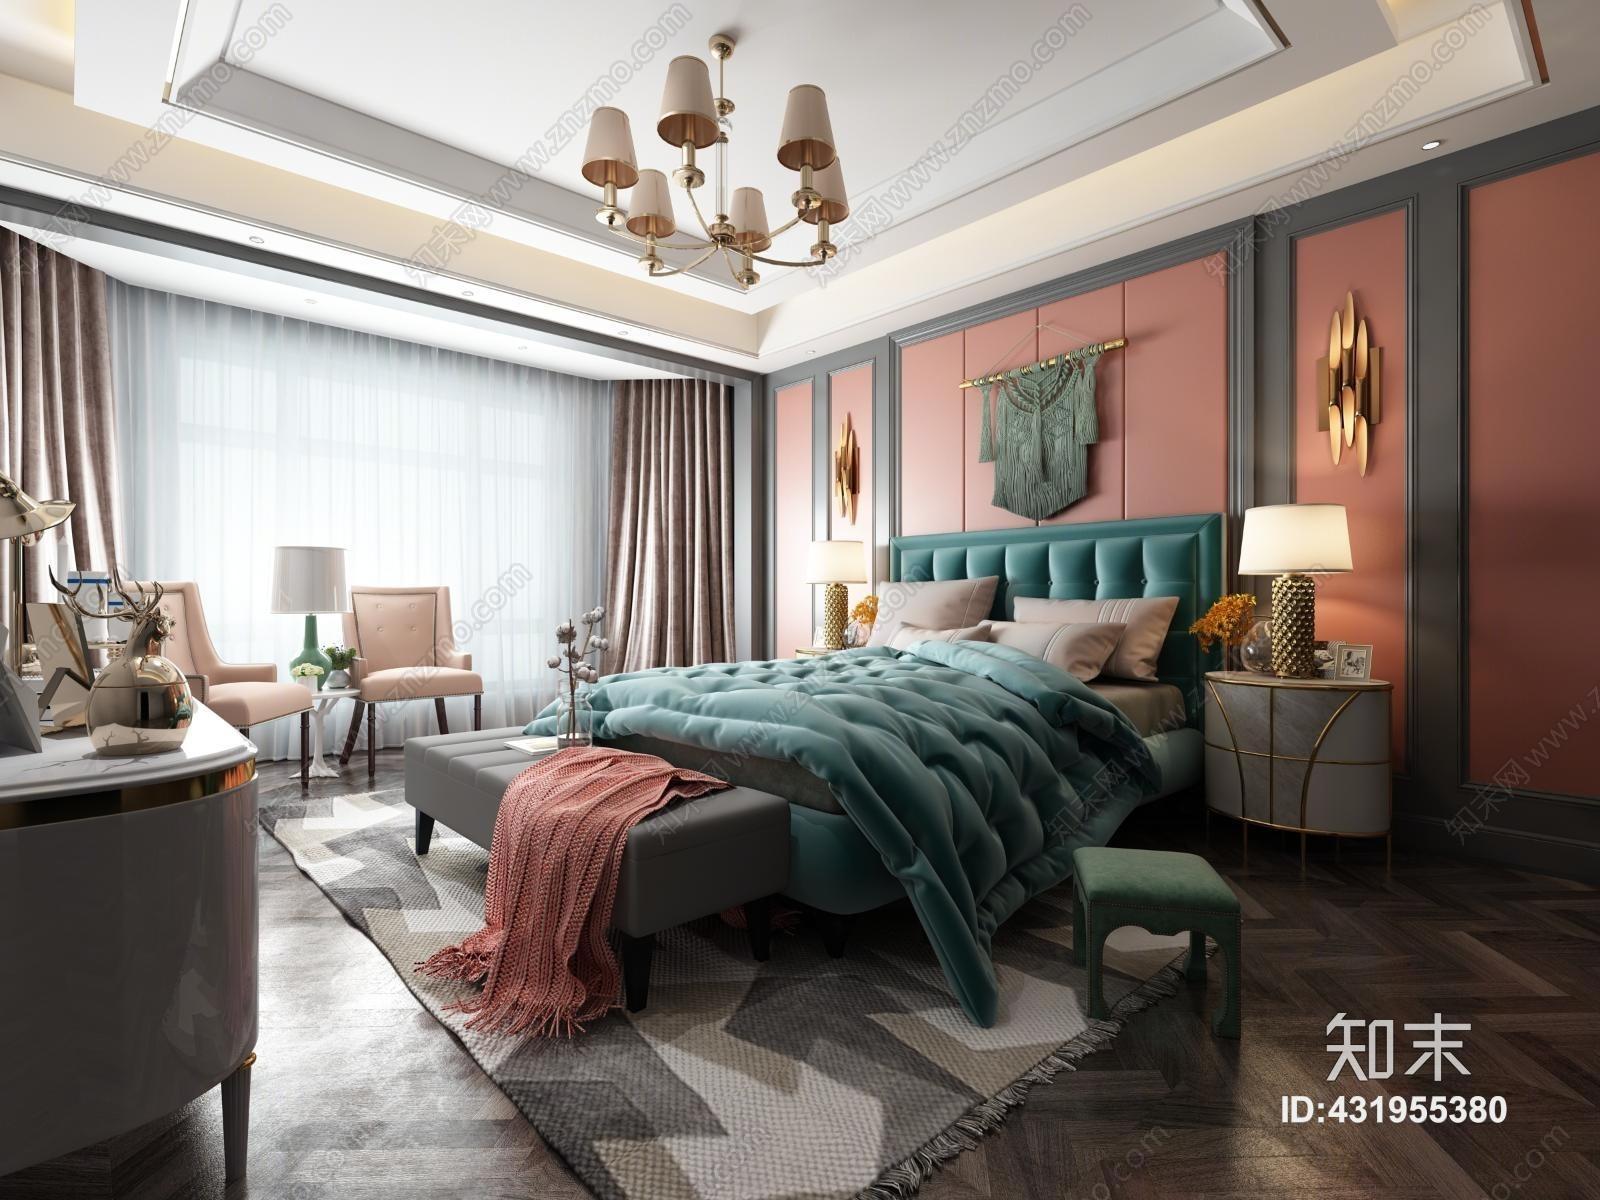 简欧卧室 双人床 床头柜 单椅 边几 装饰柜 吊灯 摆件 壁灯